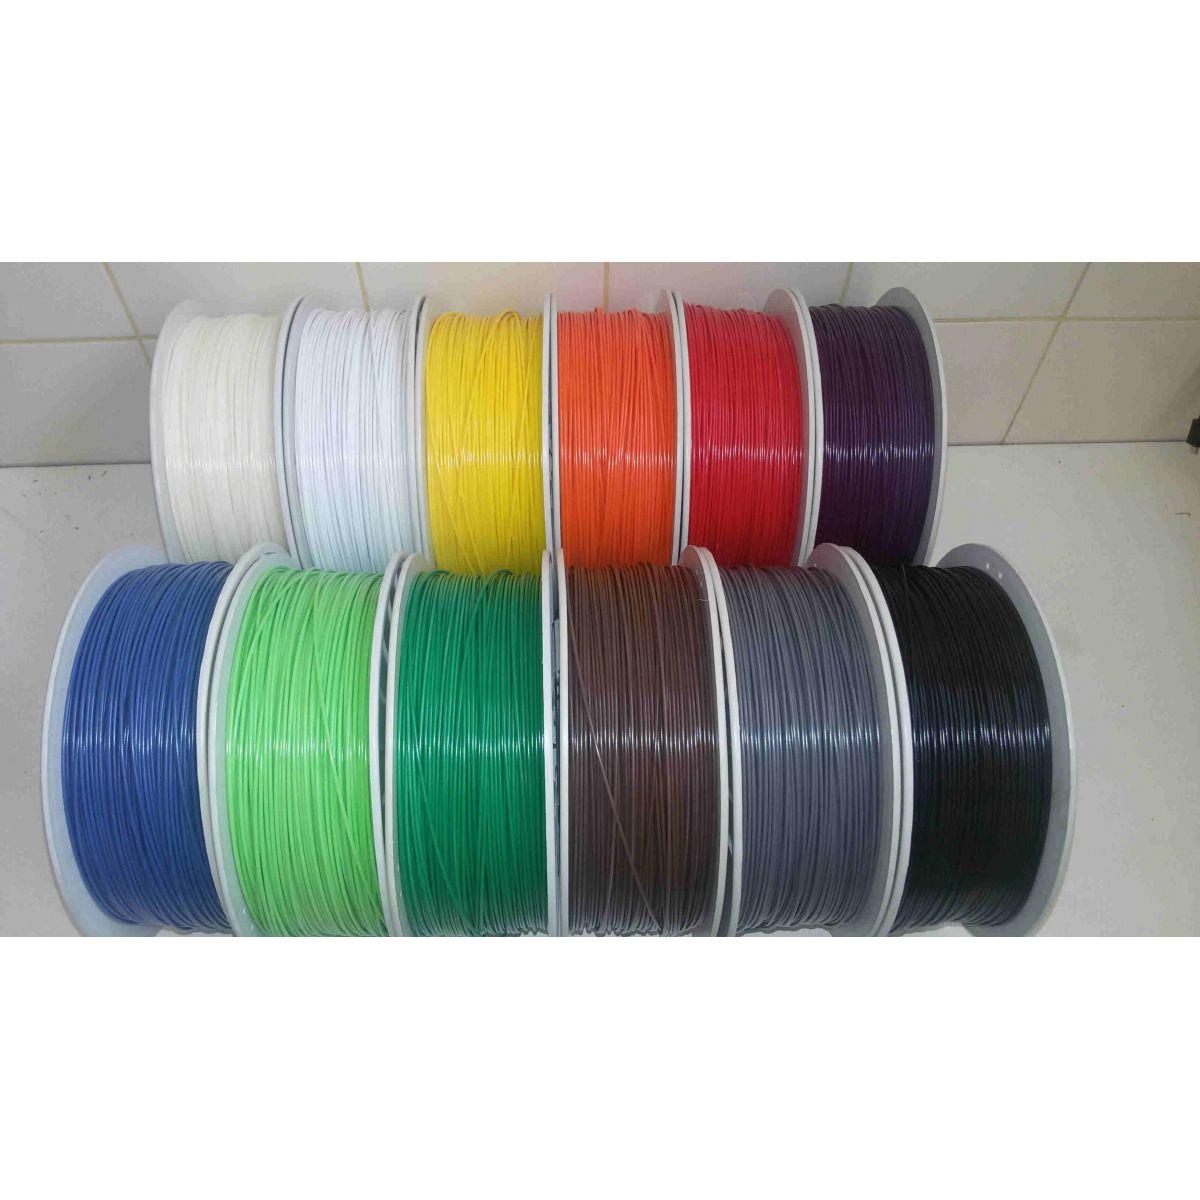 Filamento ABS 1,75 mm (carretel de 1 kg)